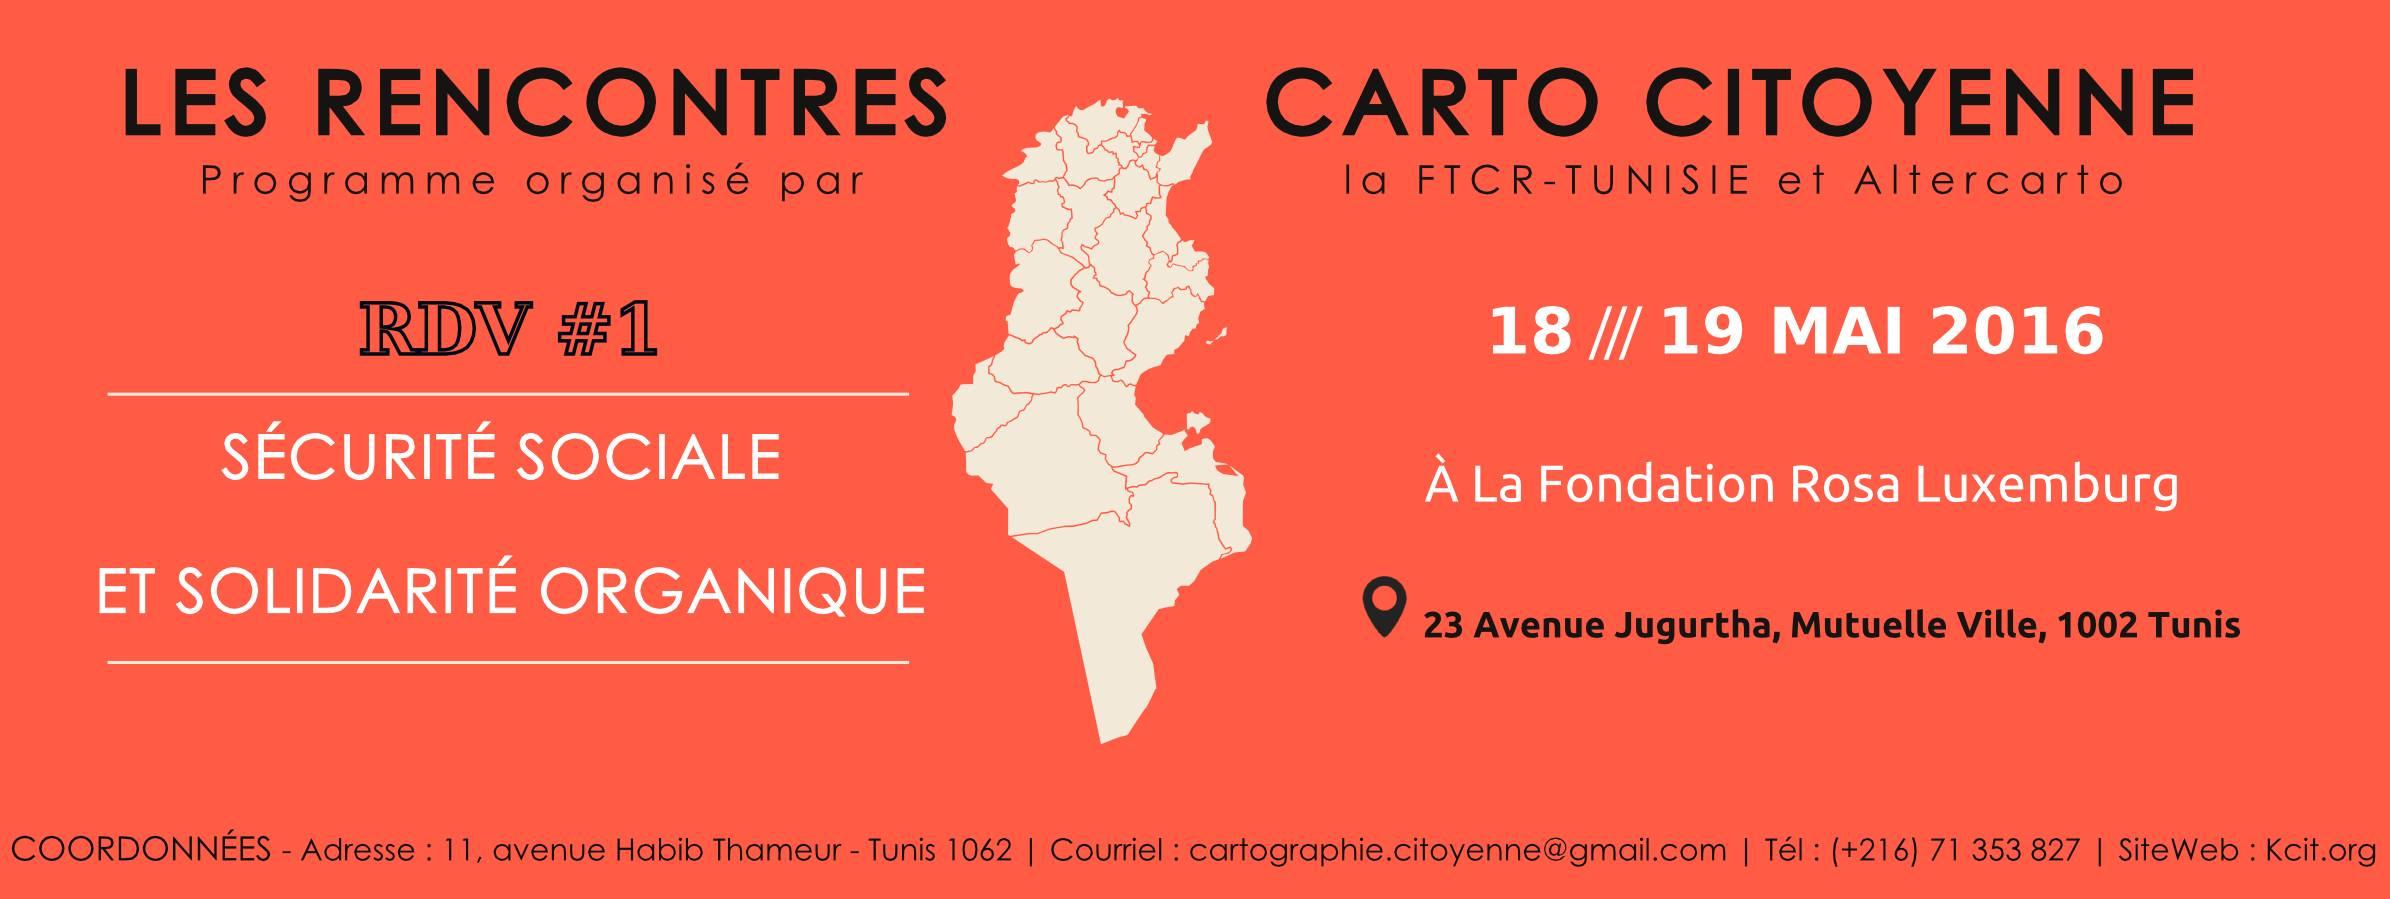 Les Rencontres Carto Citoyenne – RDV #1 : Sécurité sociale et solidarité organique